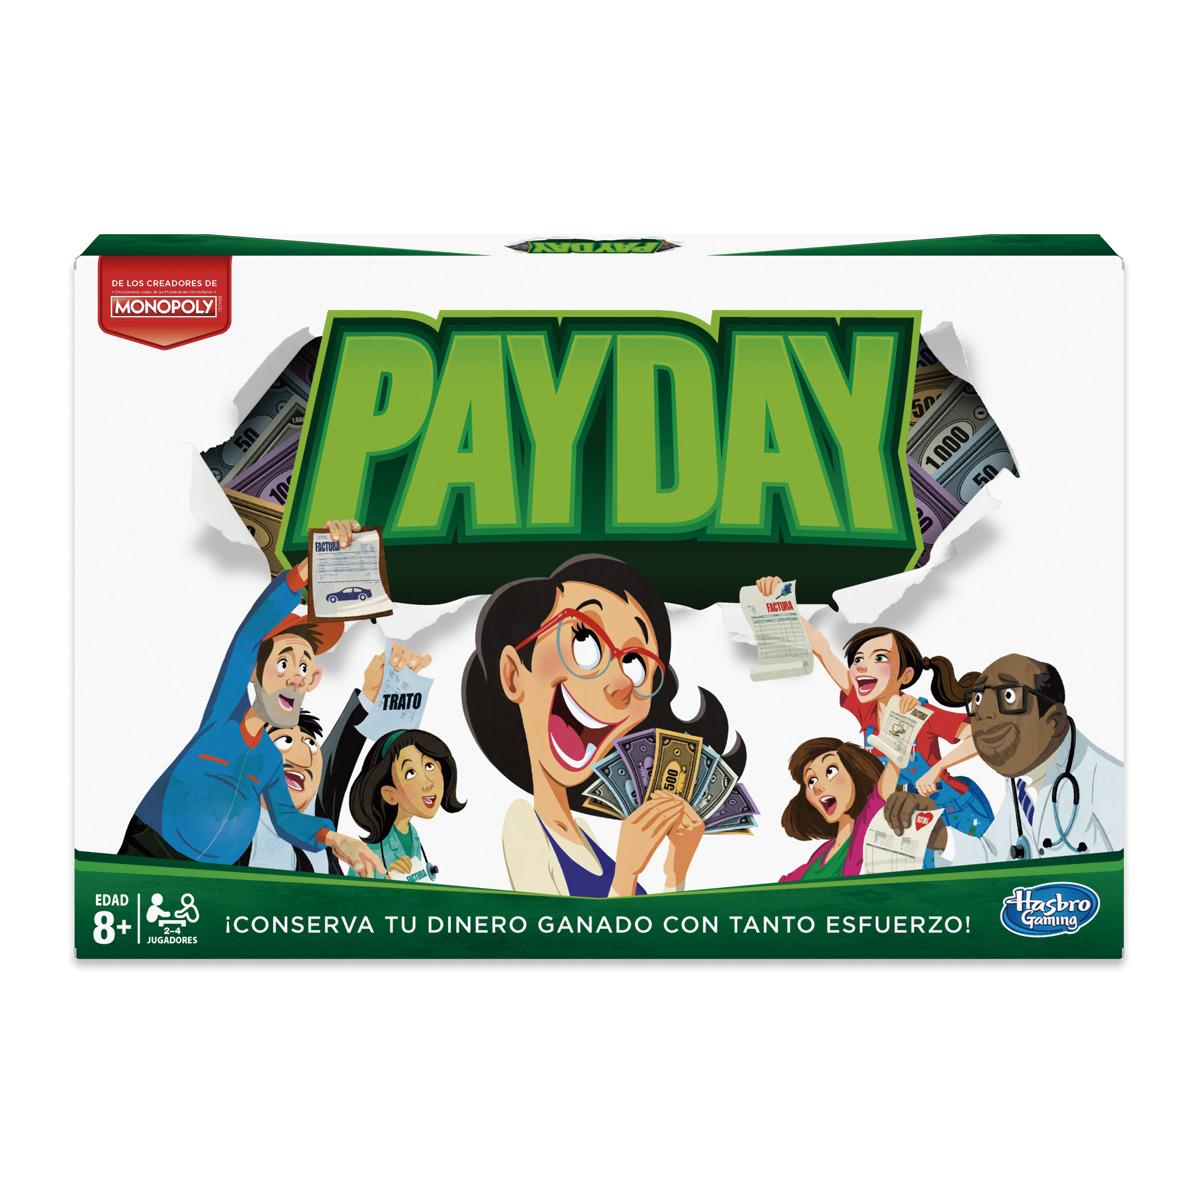 Hasbro - Payday - Juego de mesa